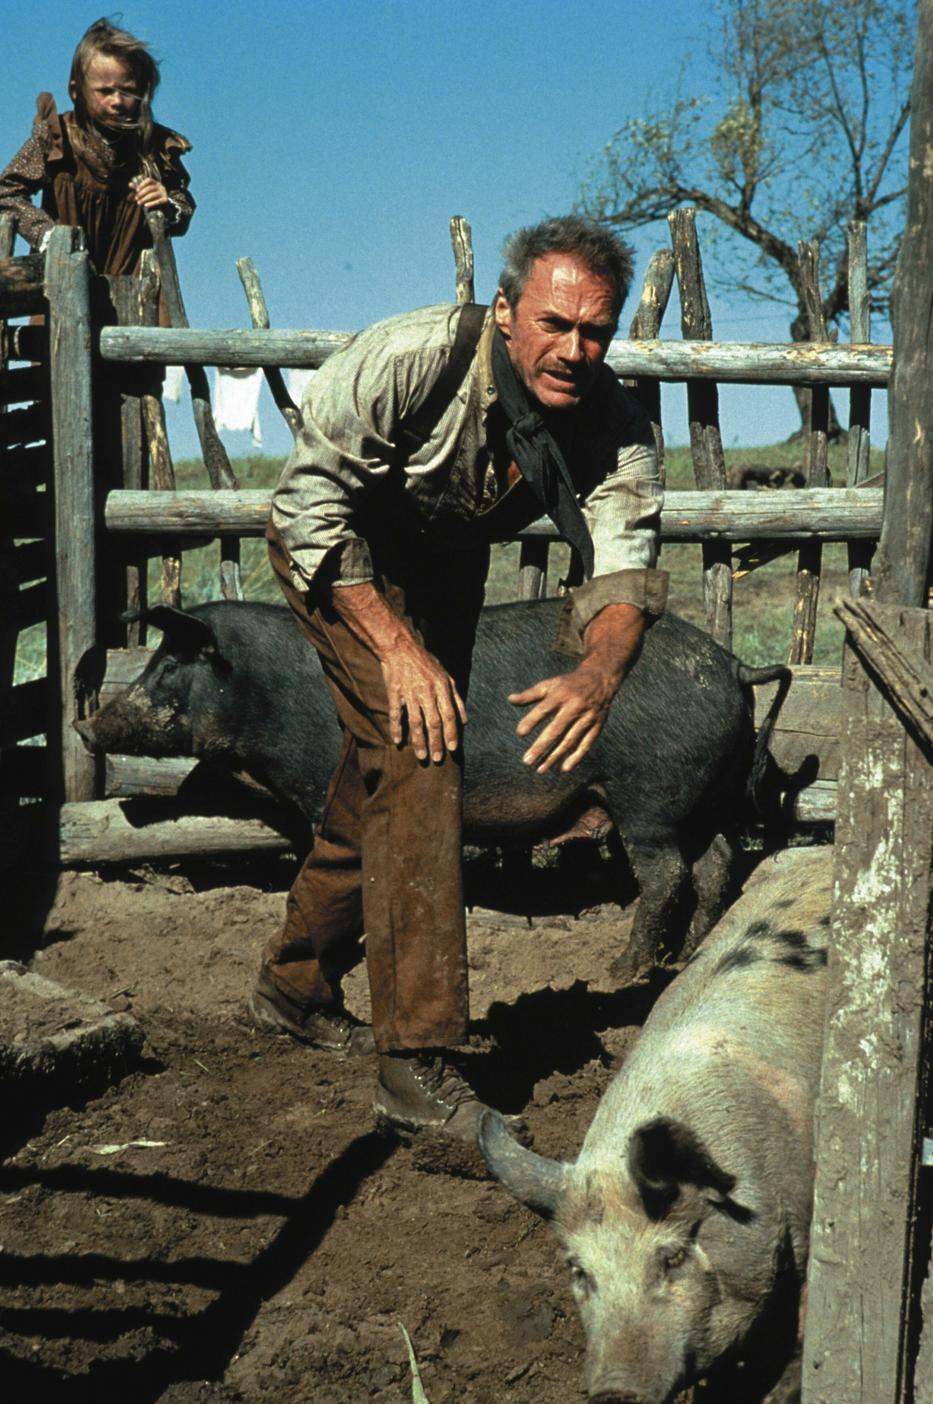 A Nincs bocsánat című filmjével leszámolt a vadnyugattal (Fotó: RAS-archív)